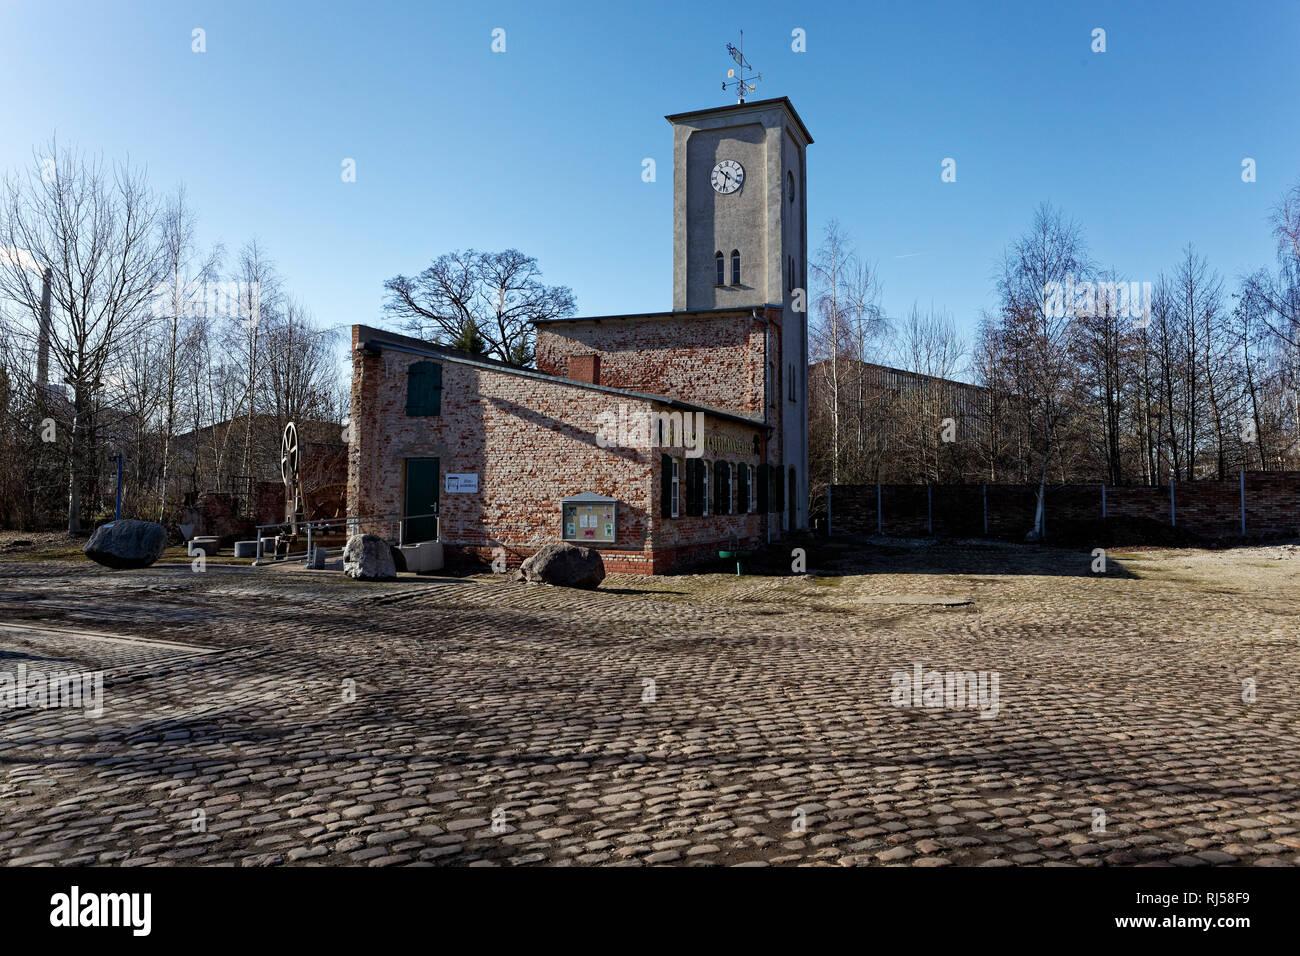 """Brikettfabrik """"Hermannschacht"""" in Zeitz, die ?lteste erhaltene Brikettfabrik der Welt Stock Photo"""